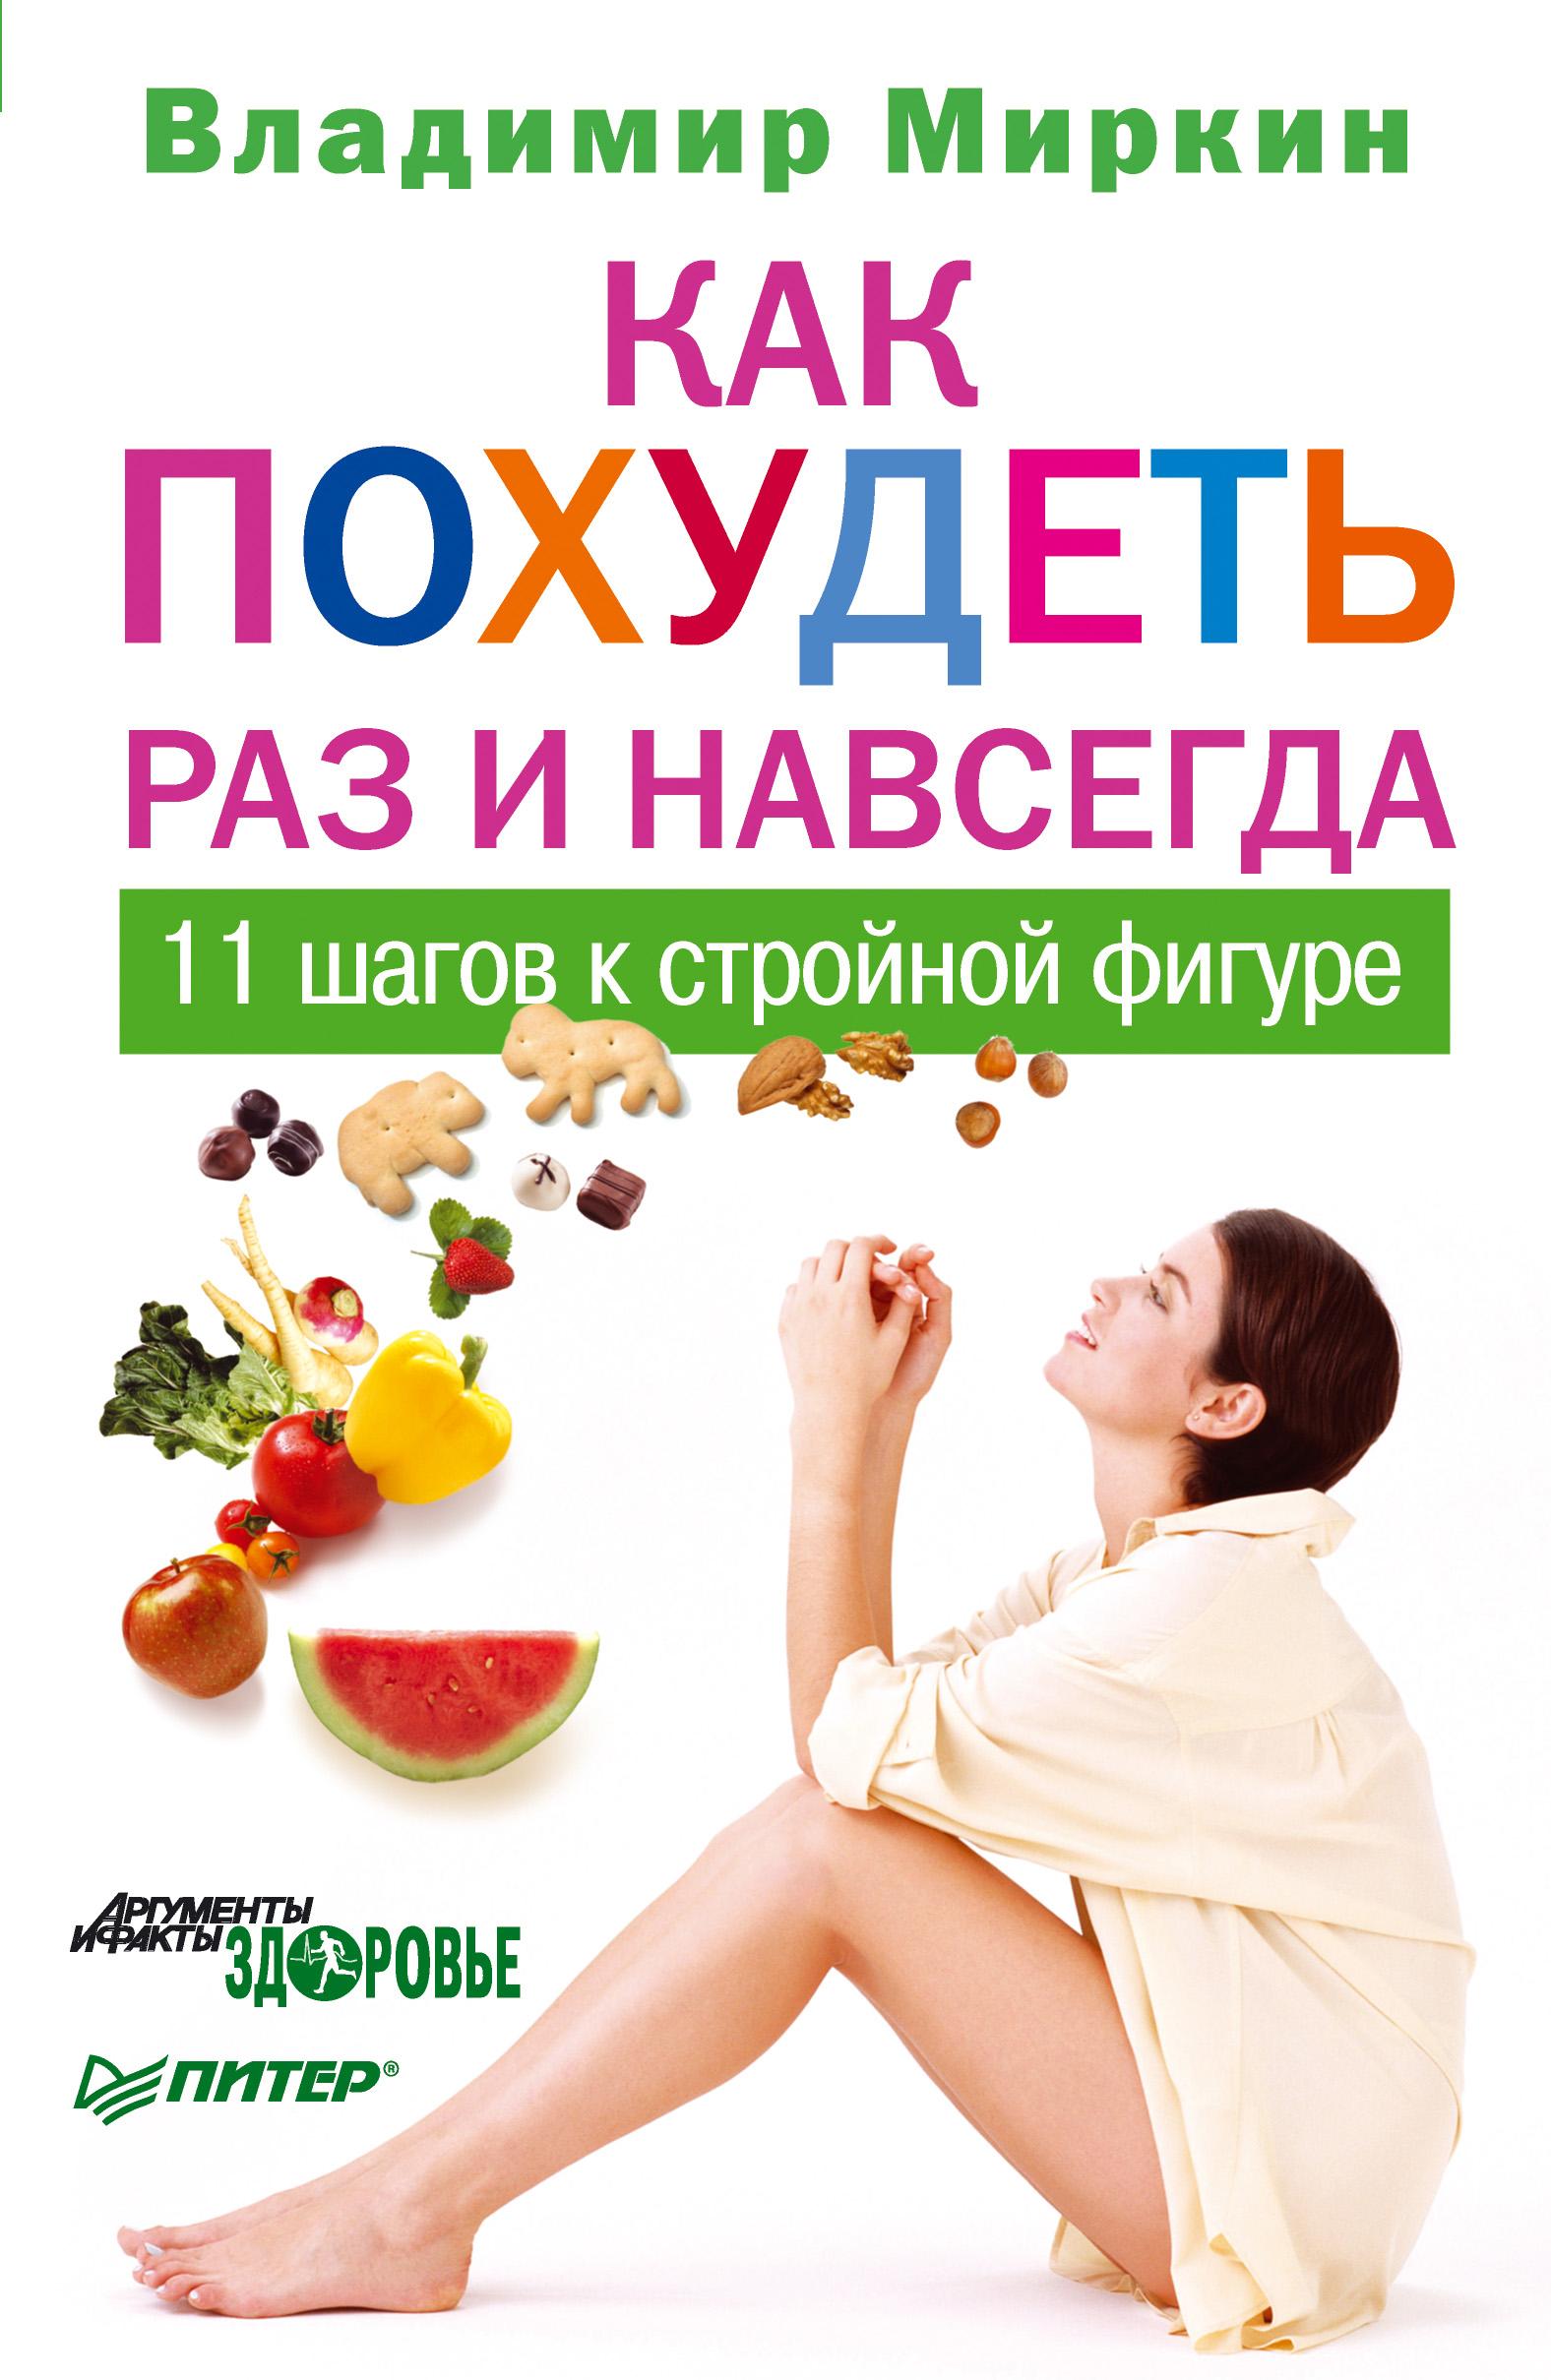 Пример заголовка книги о похудении